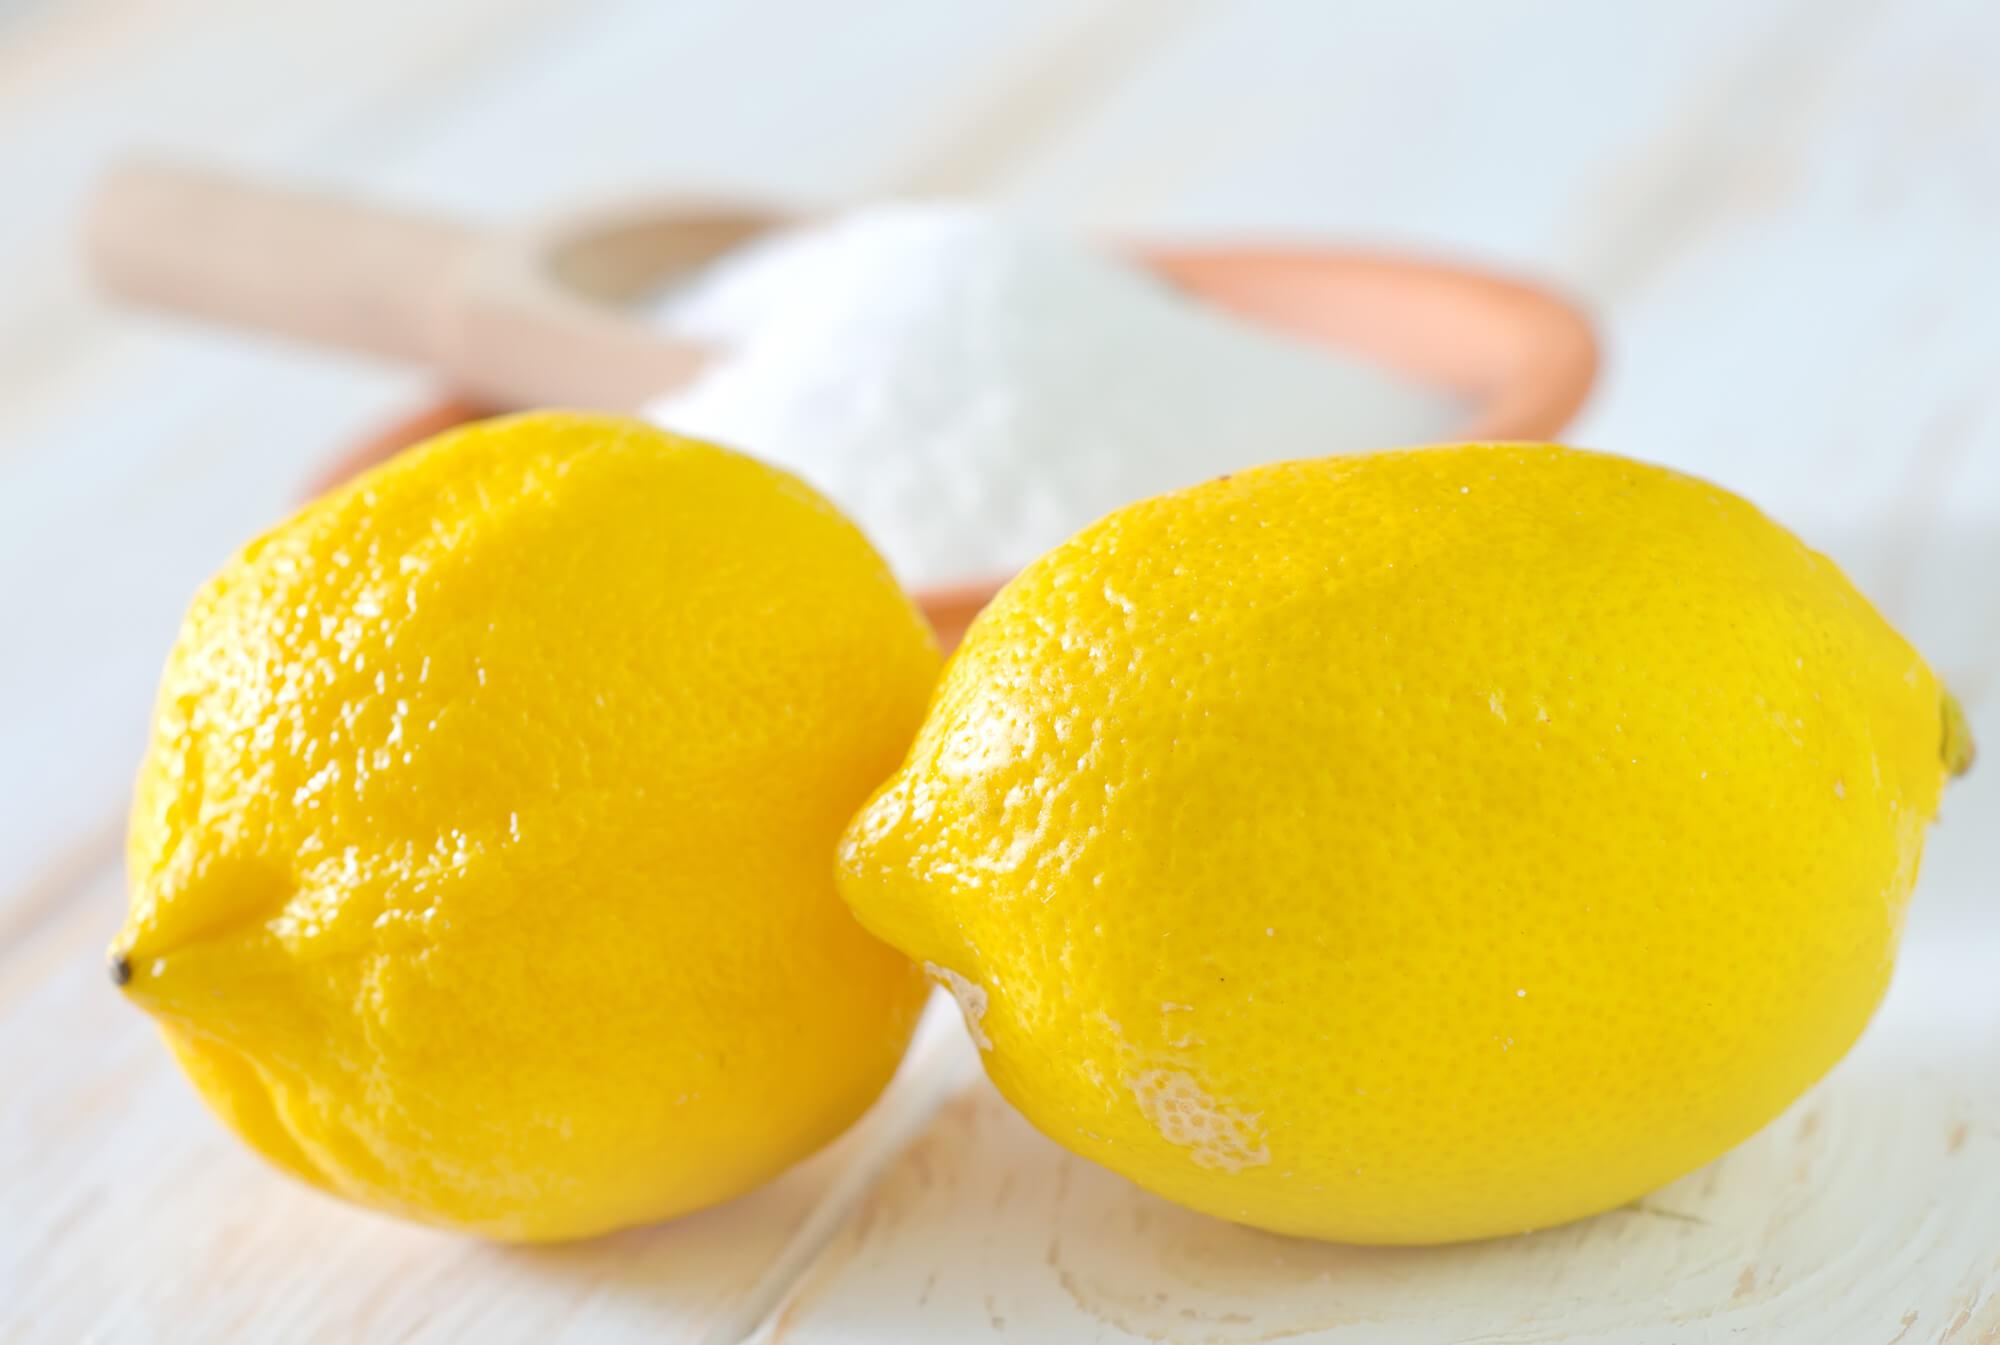 掃除や健康維持だけじゃない!調理にも使えるクエン酸の活用法